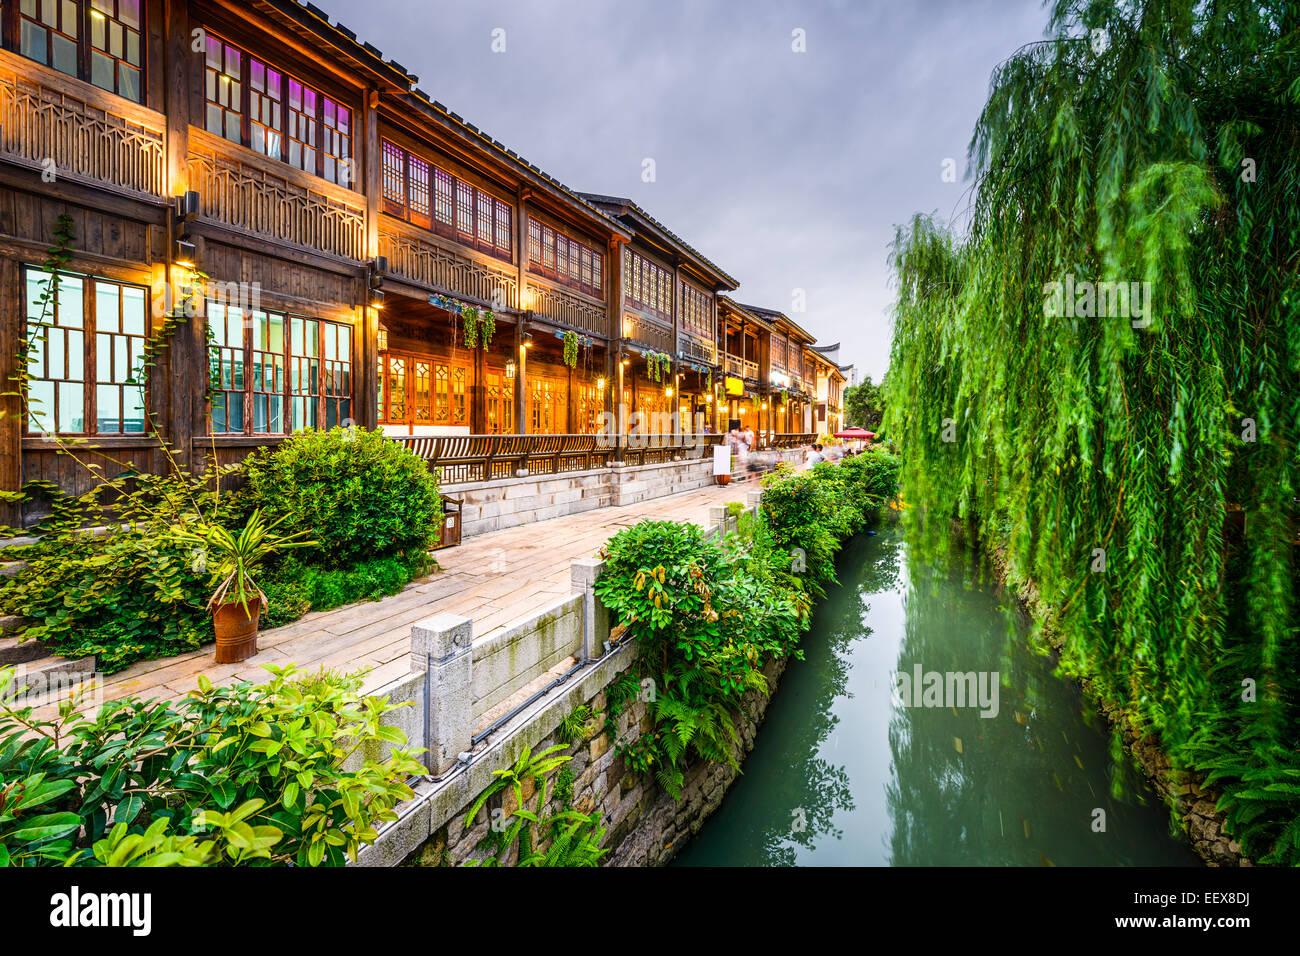 Fuzhou, la Cina a tre corsie sette vicoli tradizionale quartiere dello shopping. Immagini Stock